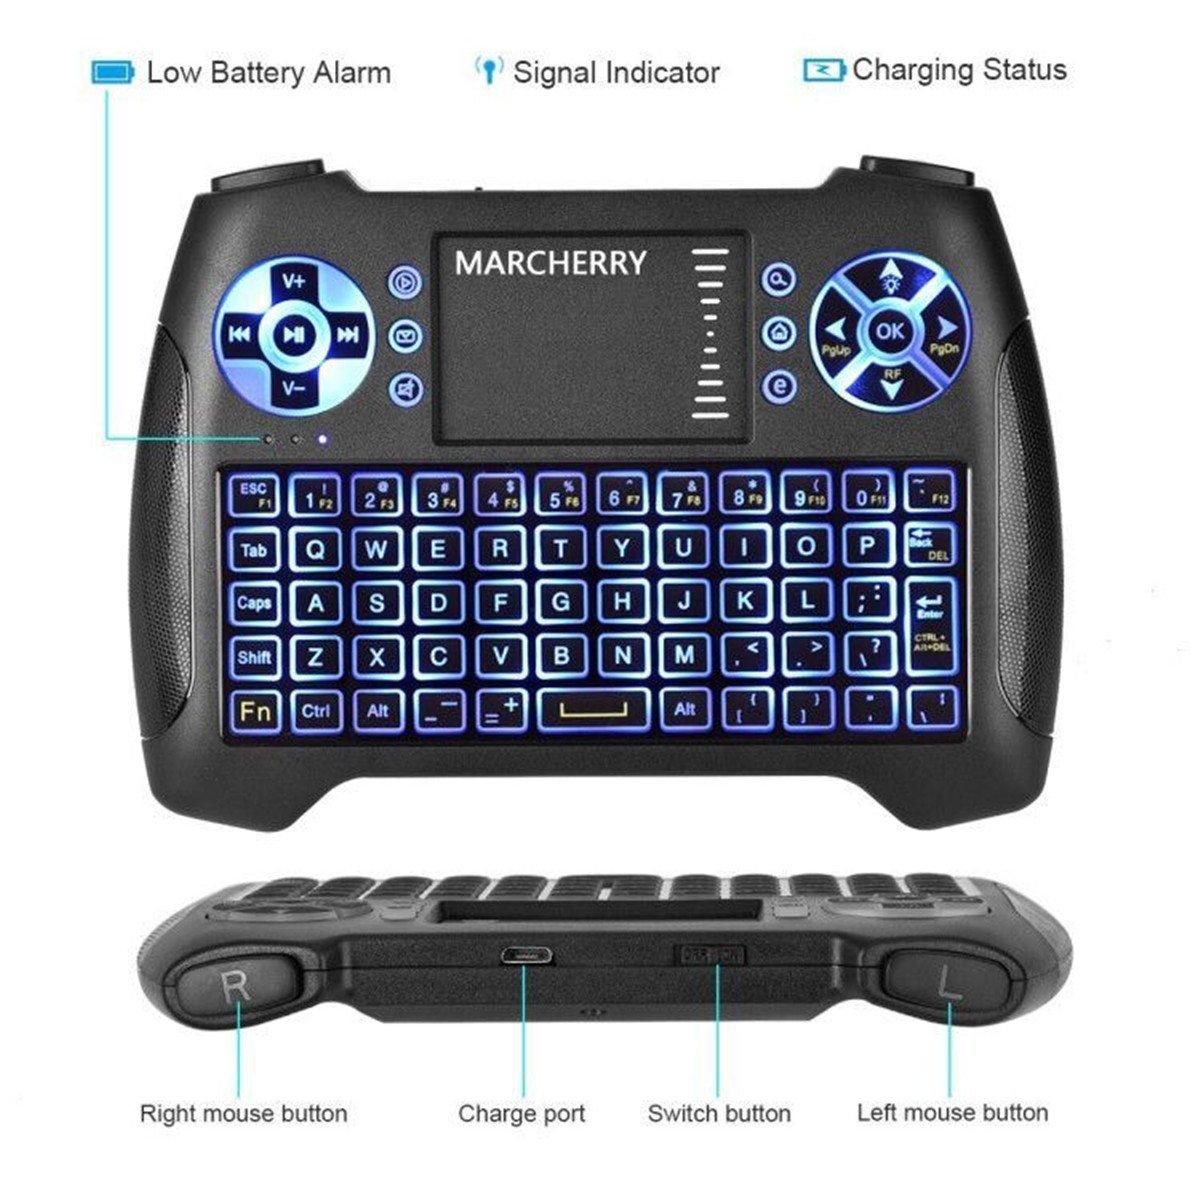 Mini teclado inalámbrico, March de arándano 2,4 GHz 3 colores fondo iluminado Gaming Keyboard con touchpad Ratón USB Rechargable Handheld mando a distancia para SMART TV Xbox Android TV Box proyector PC